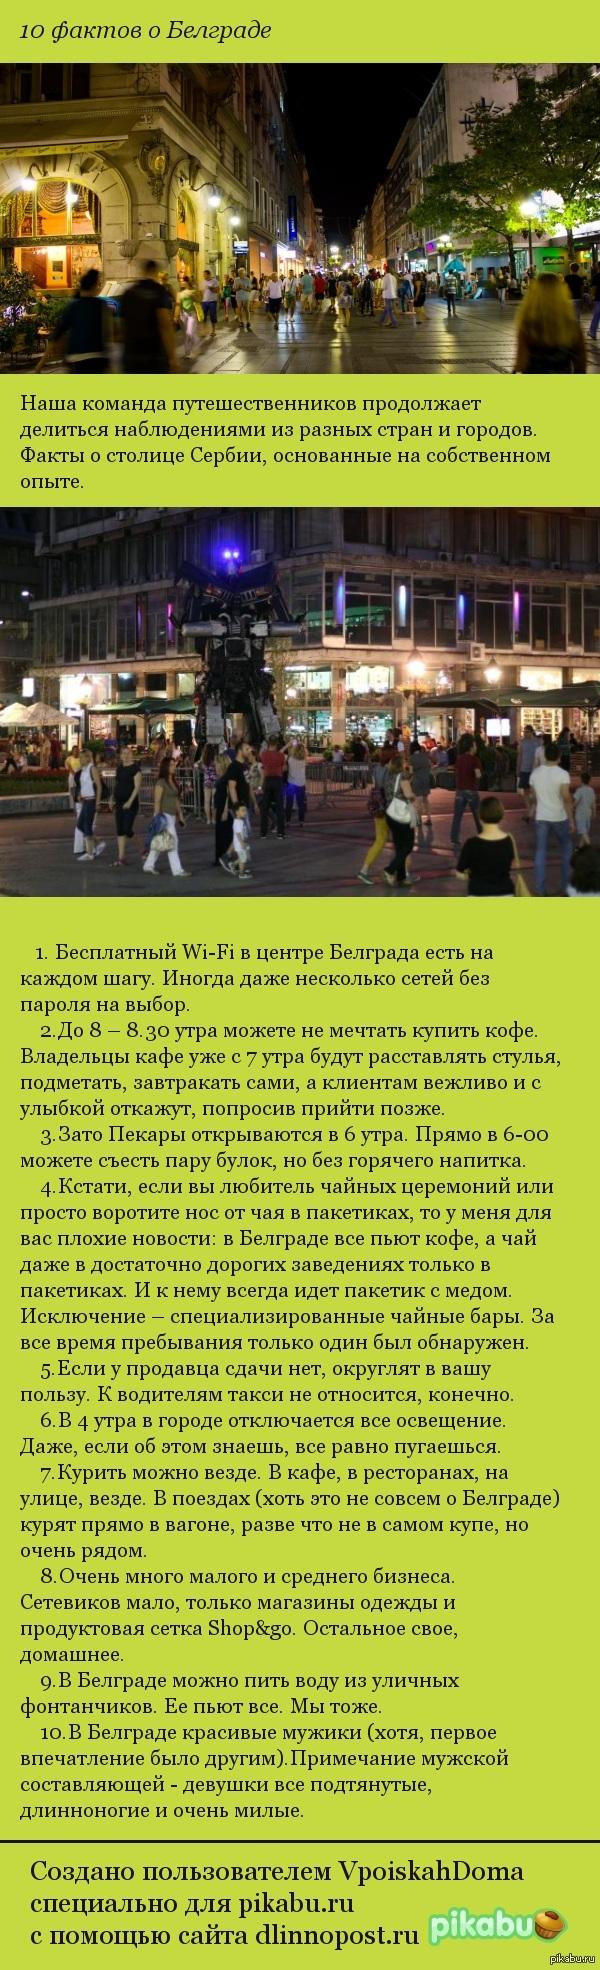 10 фактов о Белграде Немного знаний о Балканах в сжатом виде, для любознательных читателей.